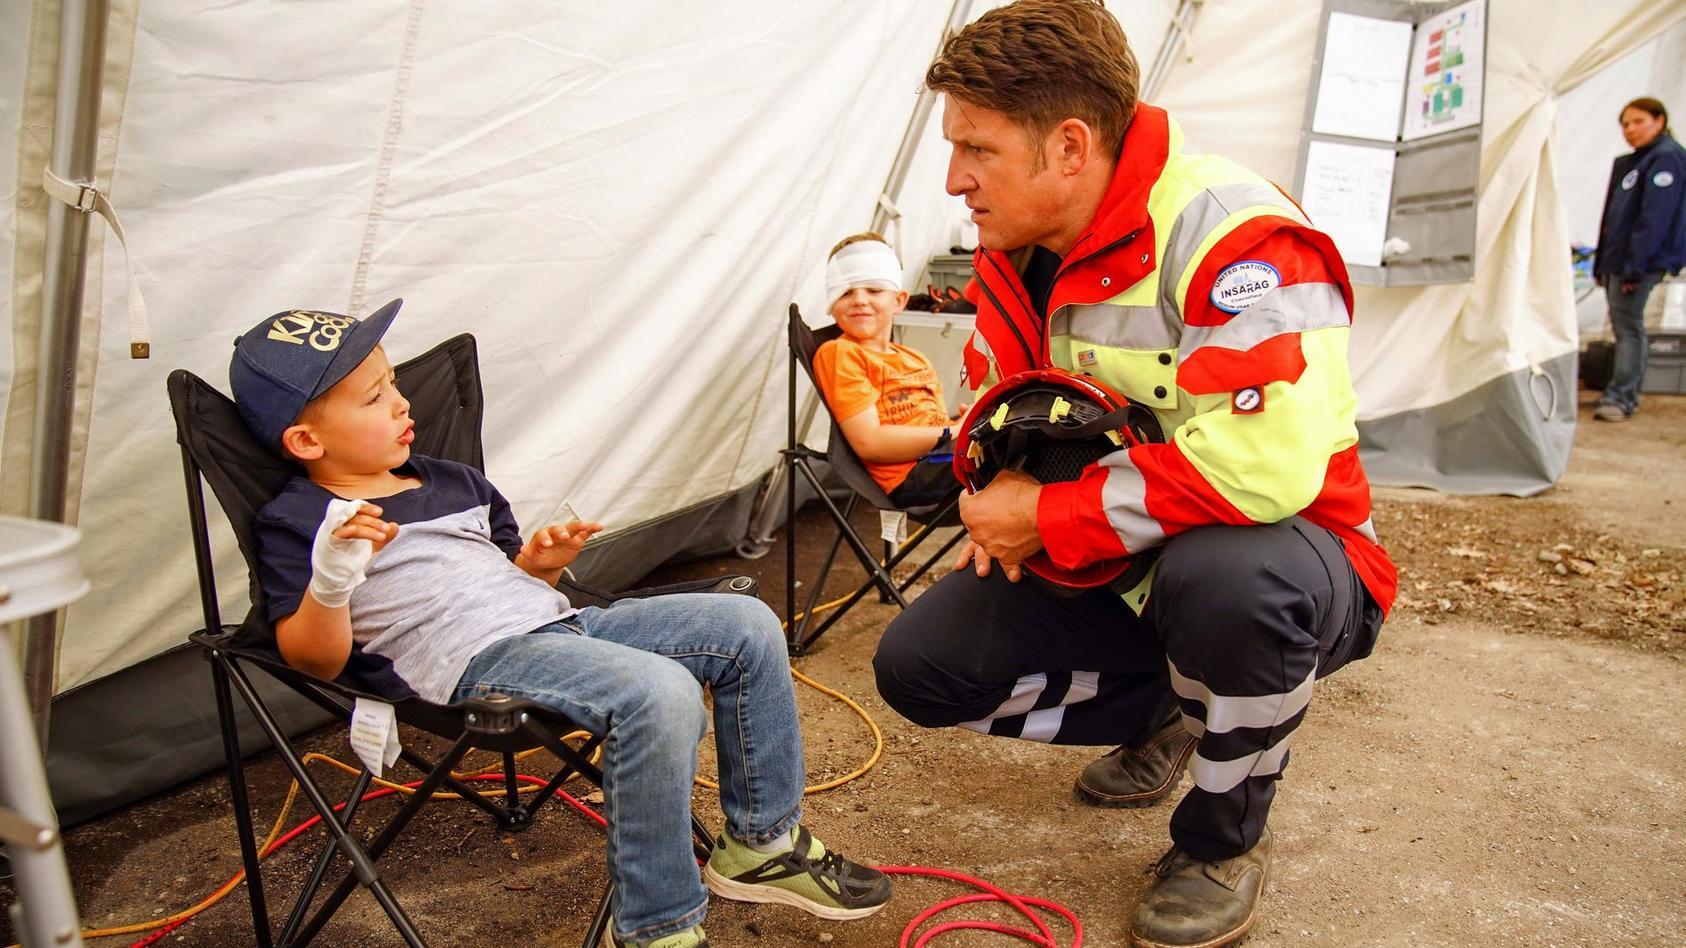 Im Katastrophenfall muss alles Hand in Hand gehen. Matthias Steiner ist beeindruckt von der Rettungsübung der I.S.A.R. Germany.